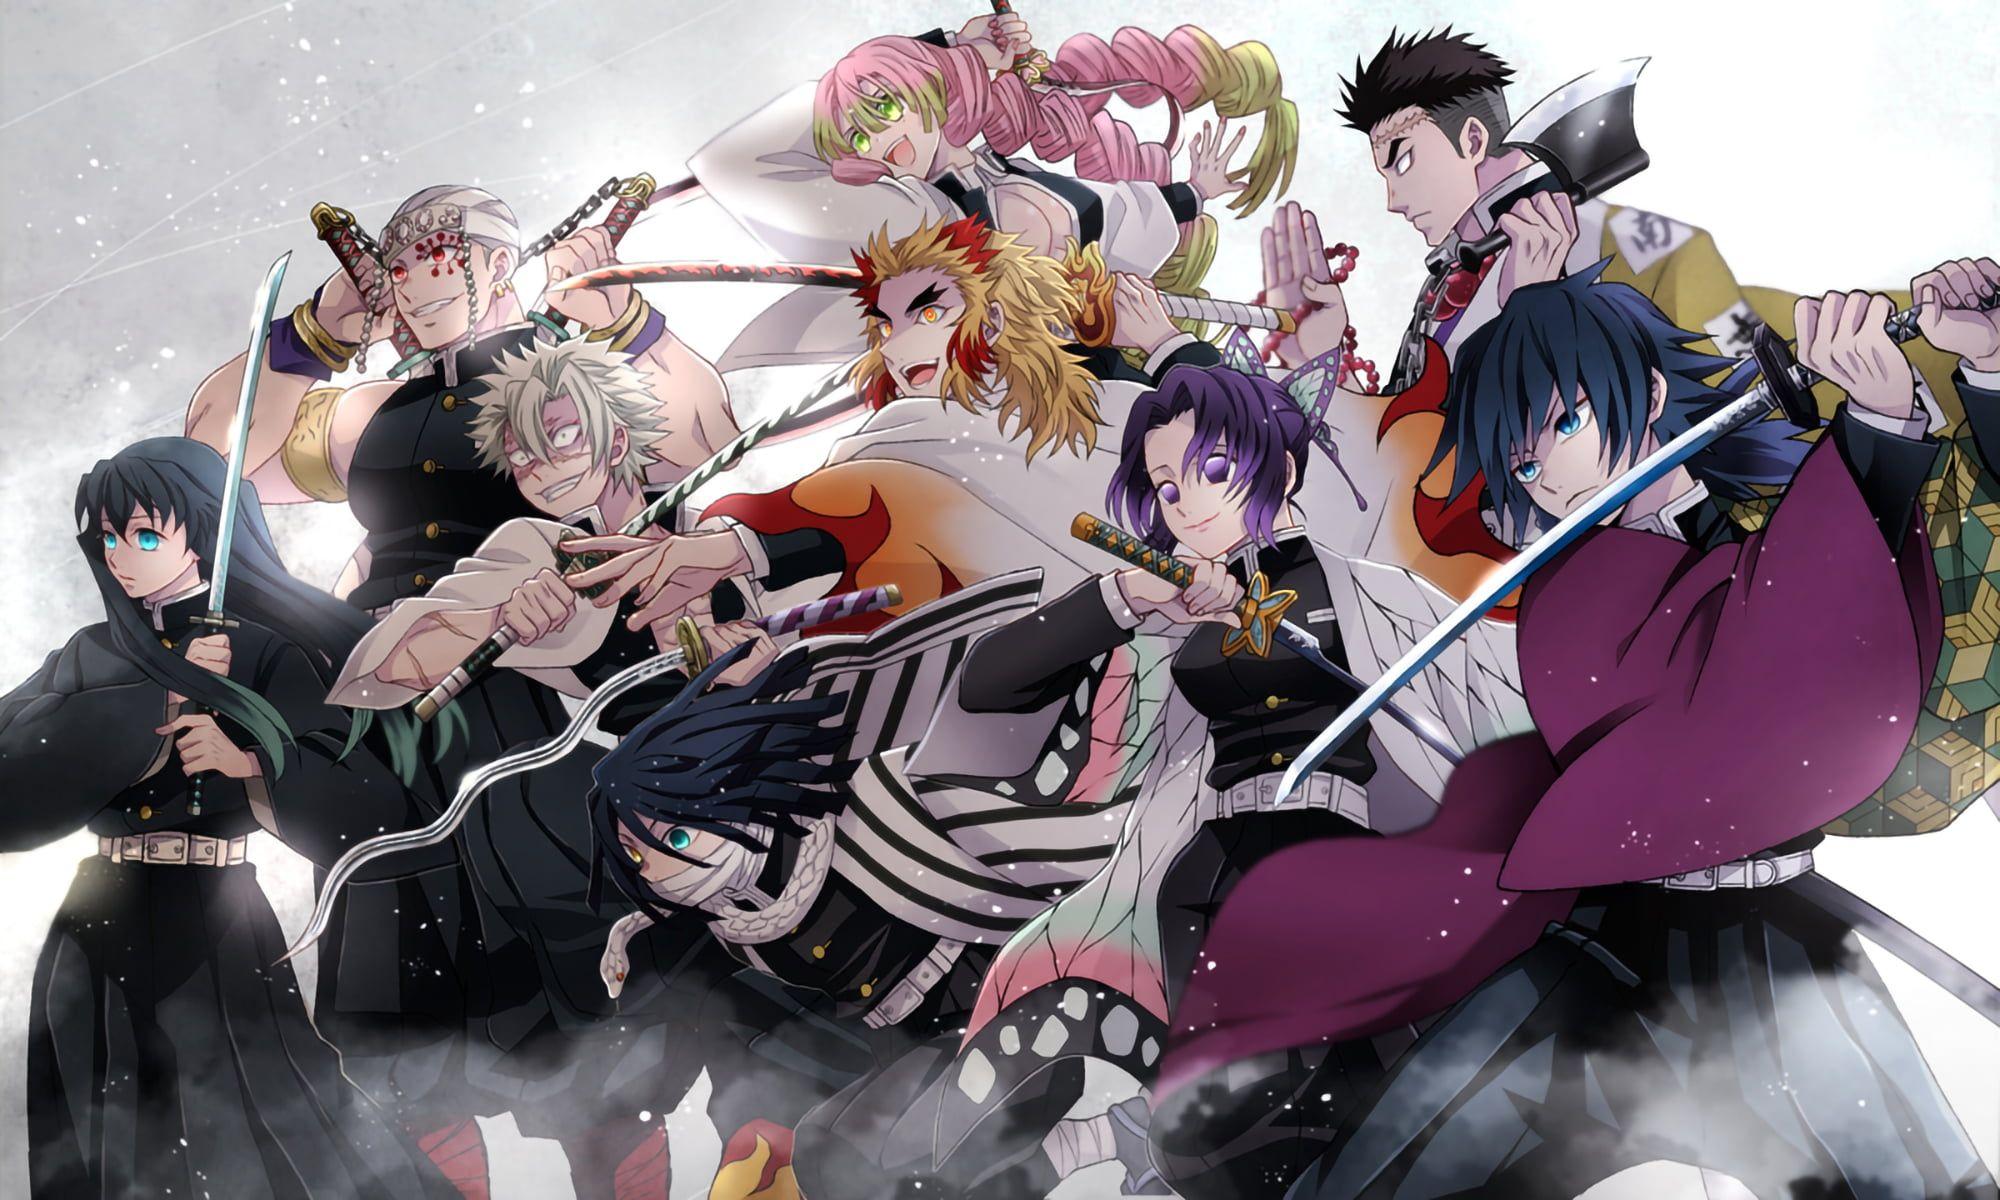 Anime Kimetsu No Yaiba Kyojuro Rengoku Himejima Gyomei Giyu Tomioka Kimetsu No Yaiba Mitsuri Kanroji Tokitou Muichirou Iguro Obanai Anime Anime Demon Demon 29 anime pc wallpaper